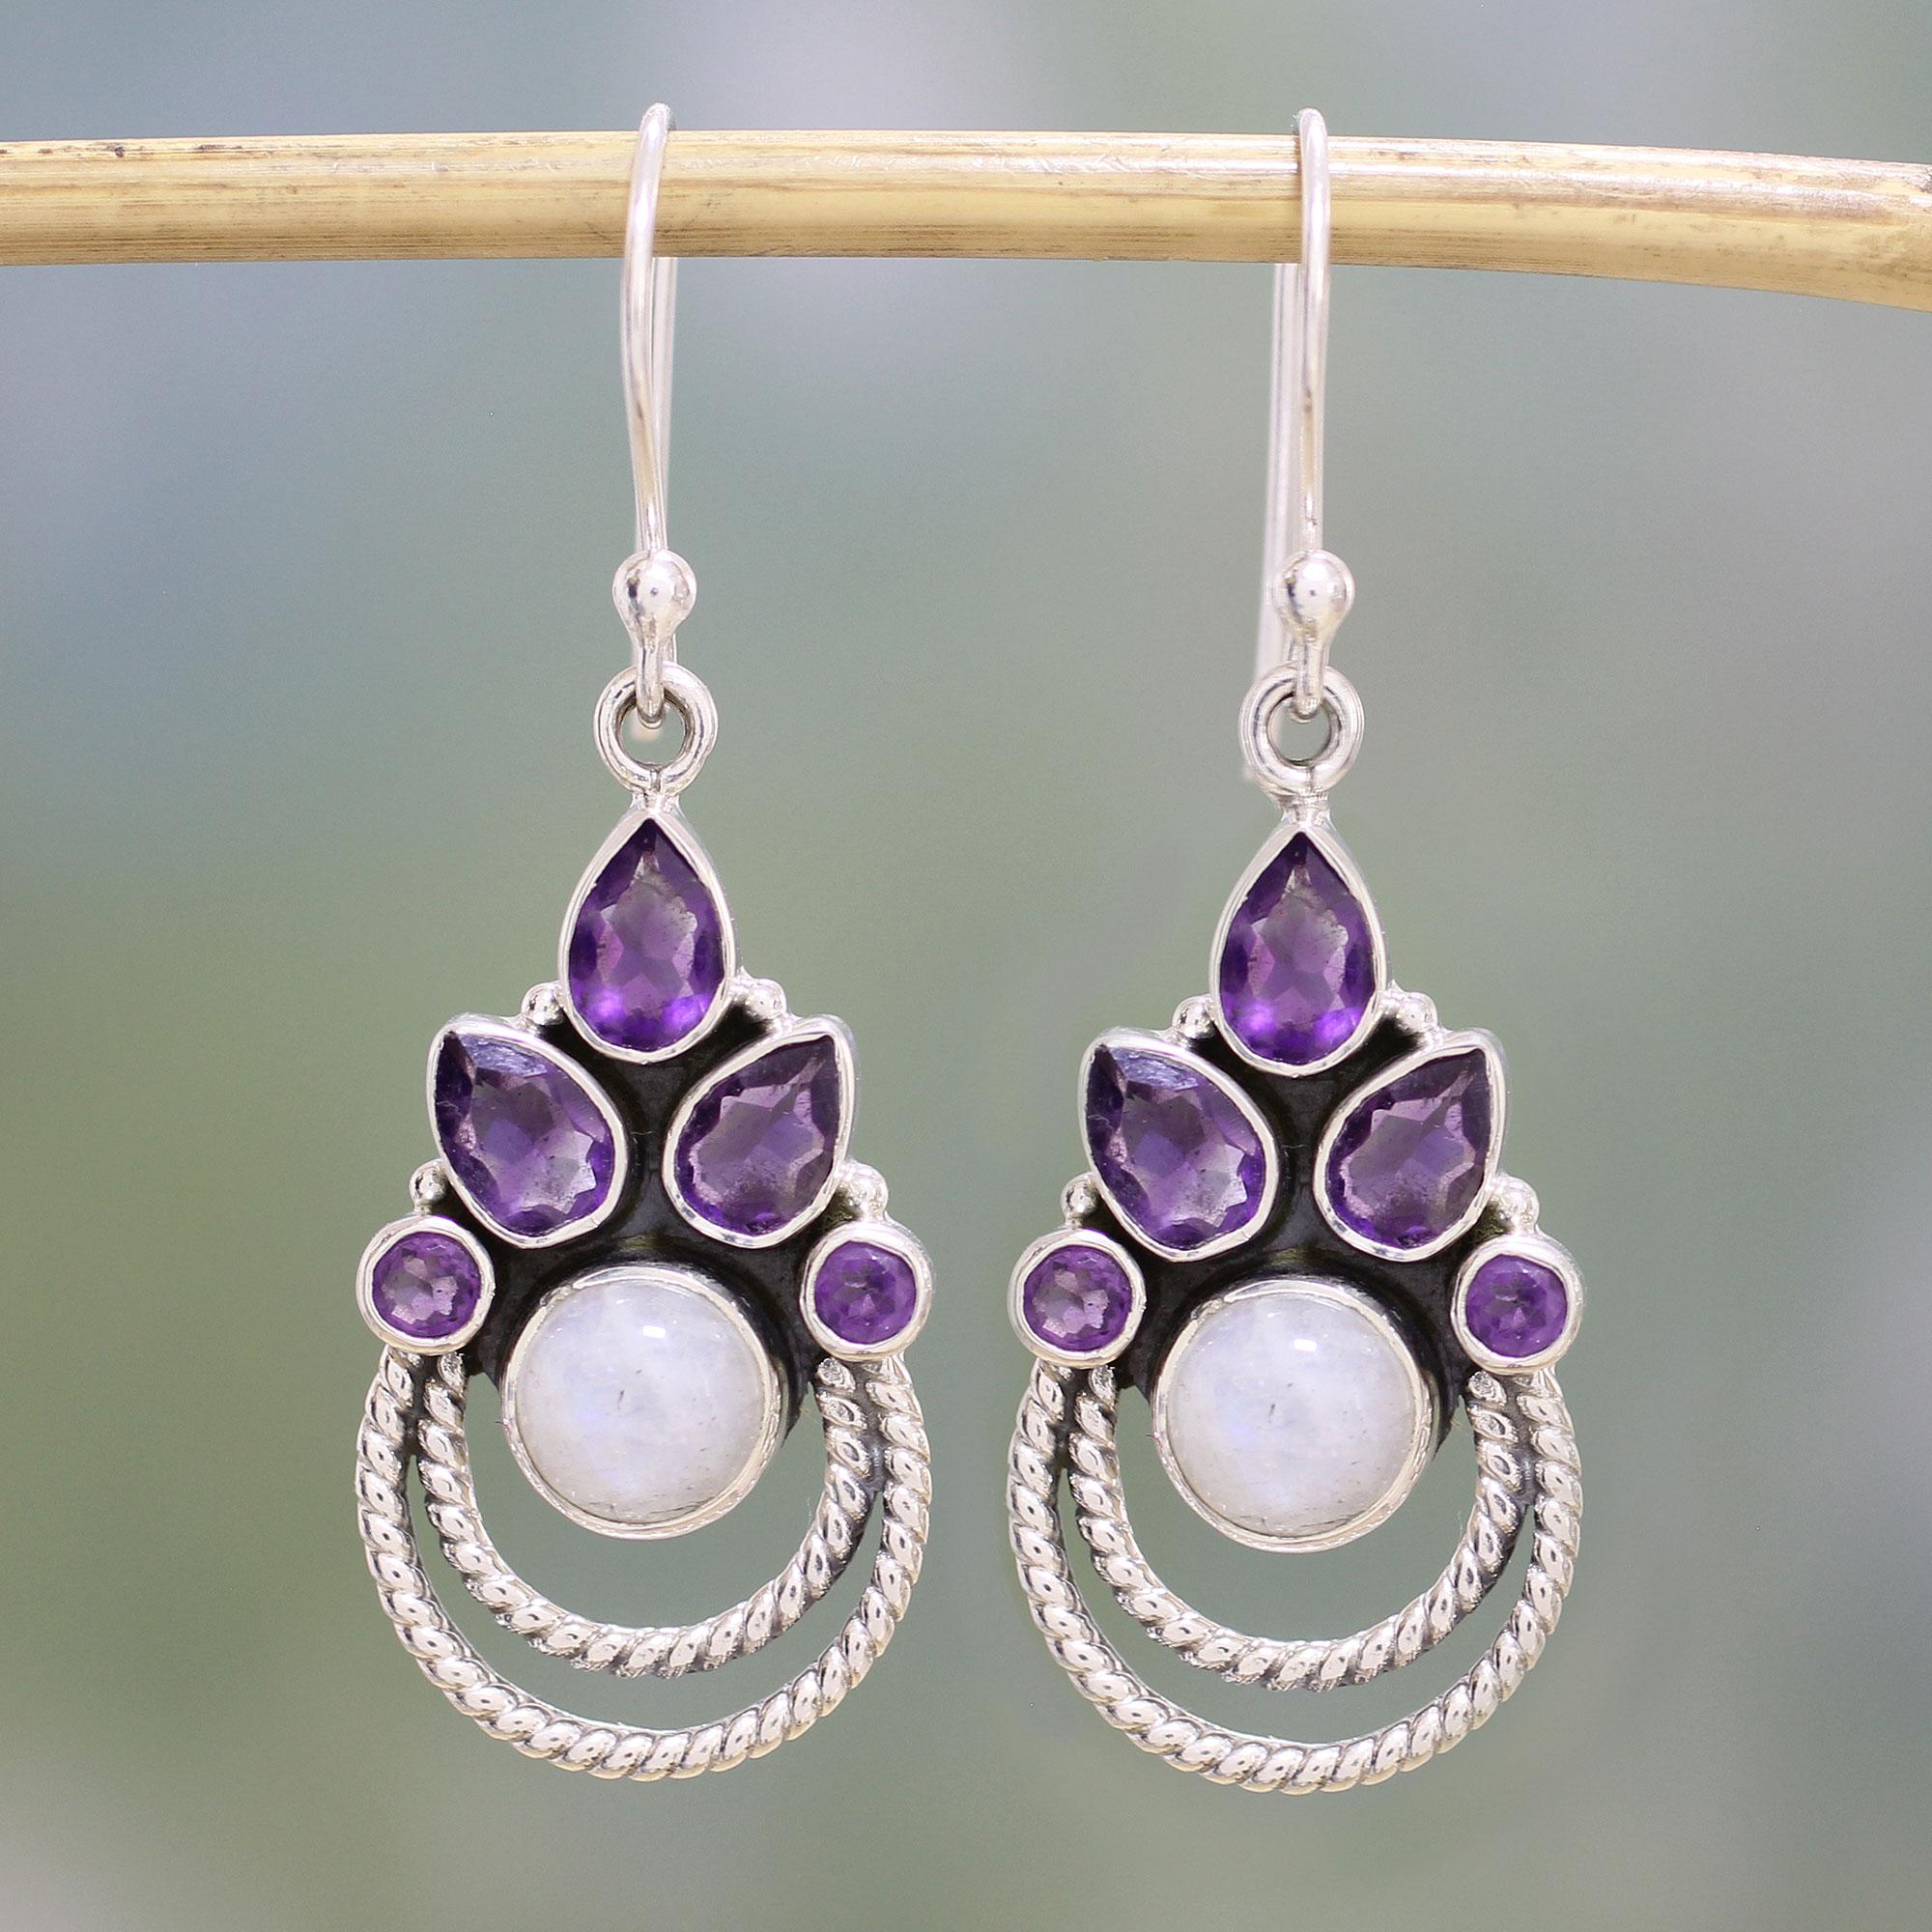 Details about  /Amethyst Earrings Amethyst Earrings Silver Rainbow Moonstone Earrings 5gm